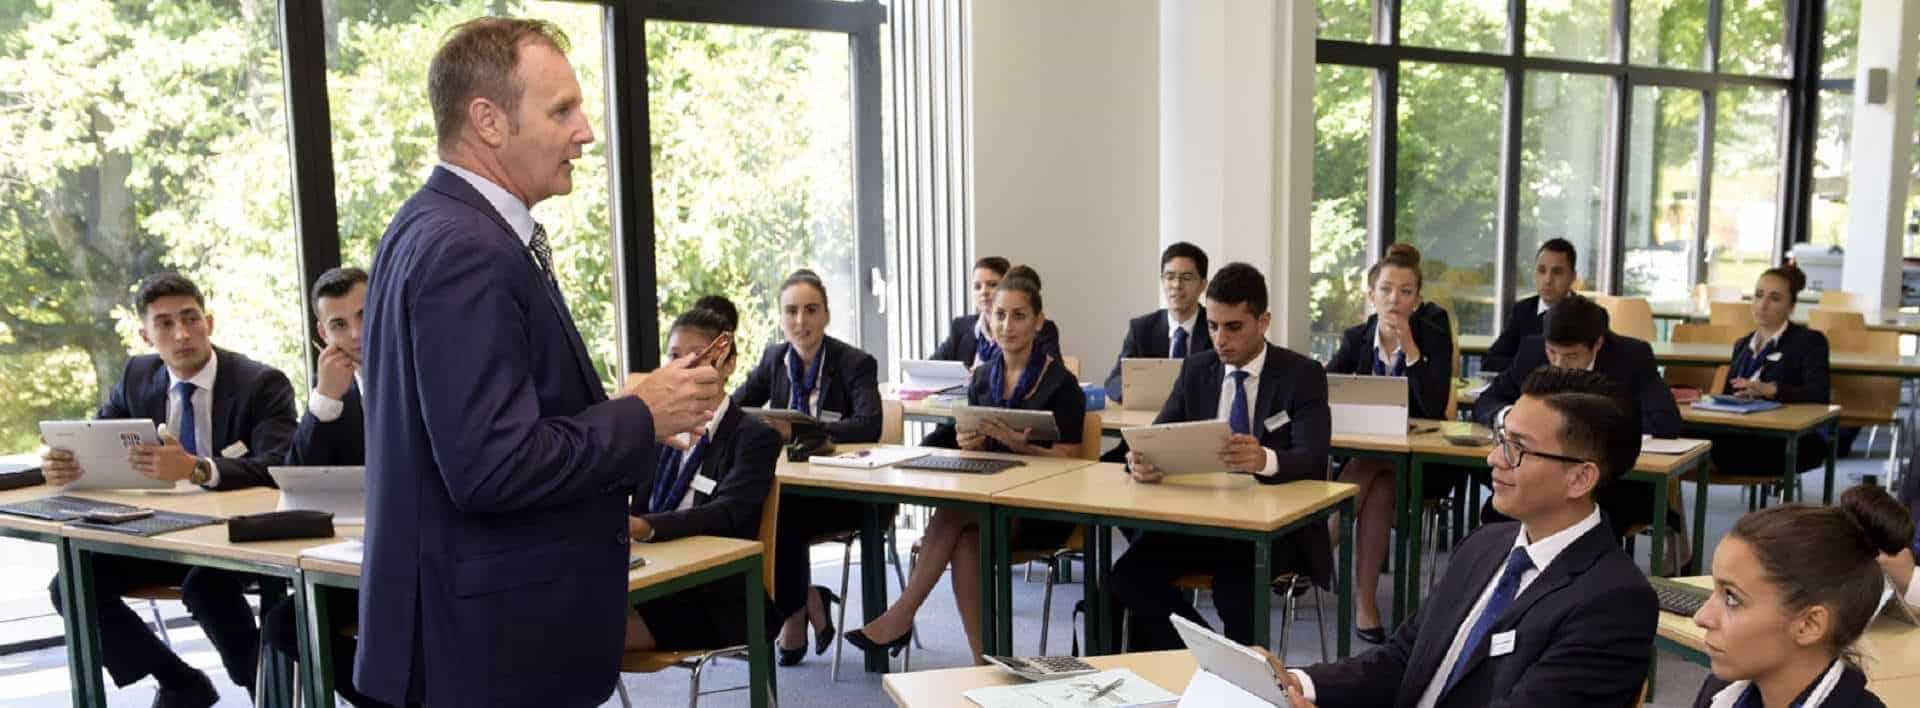 Quels sont les Perspectives de carrières en étant diplomé de l'Ecole Hôtelière de Geneve. Perspectives de carrières dans l'hôtellerie